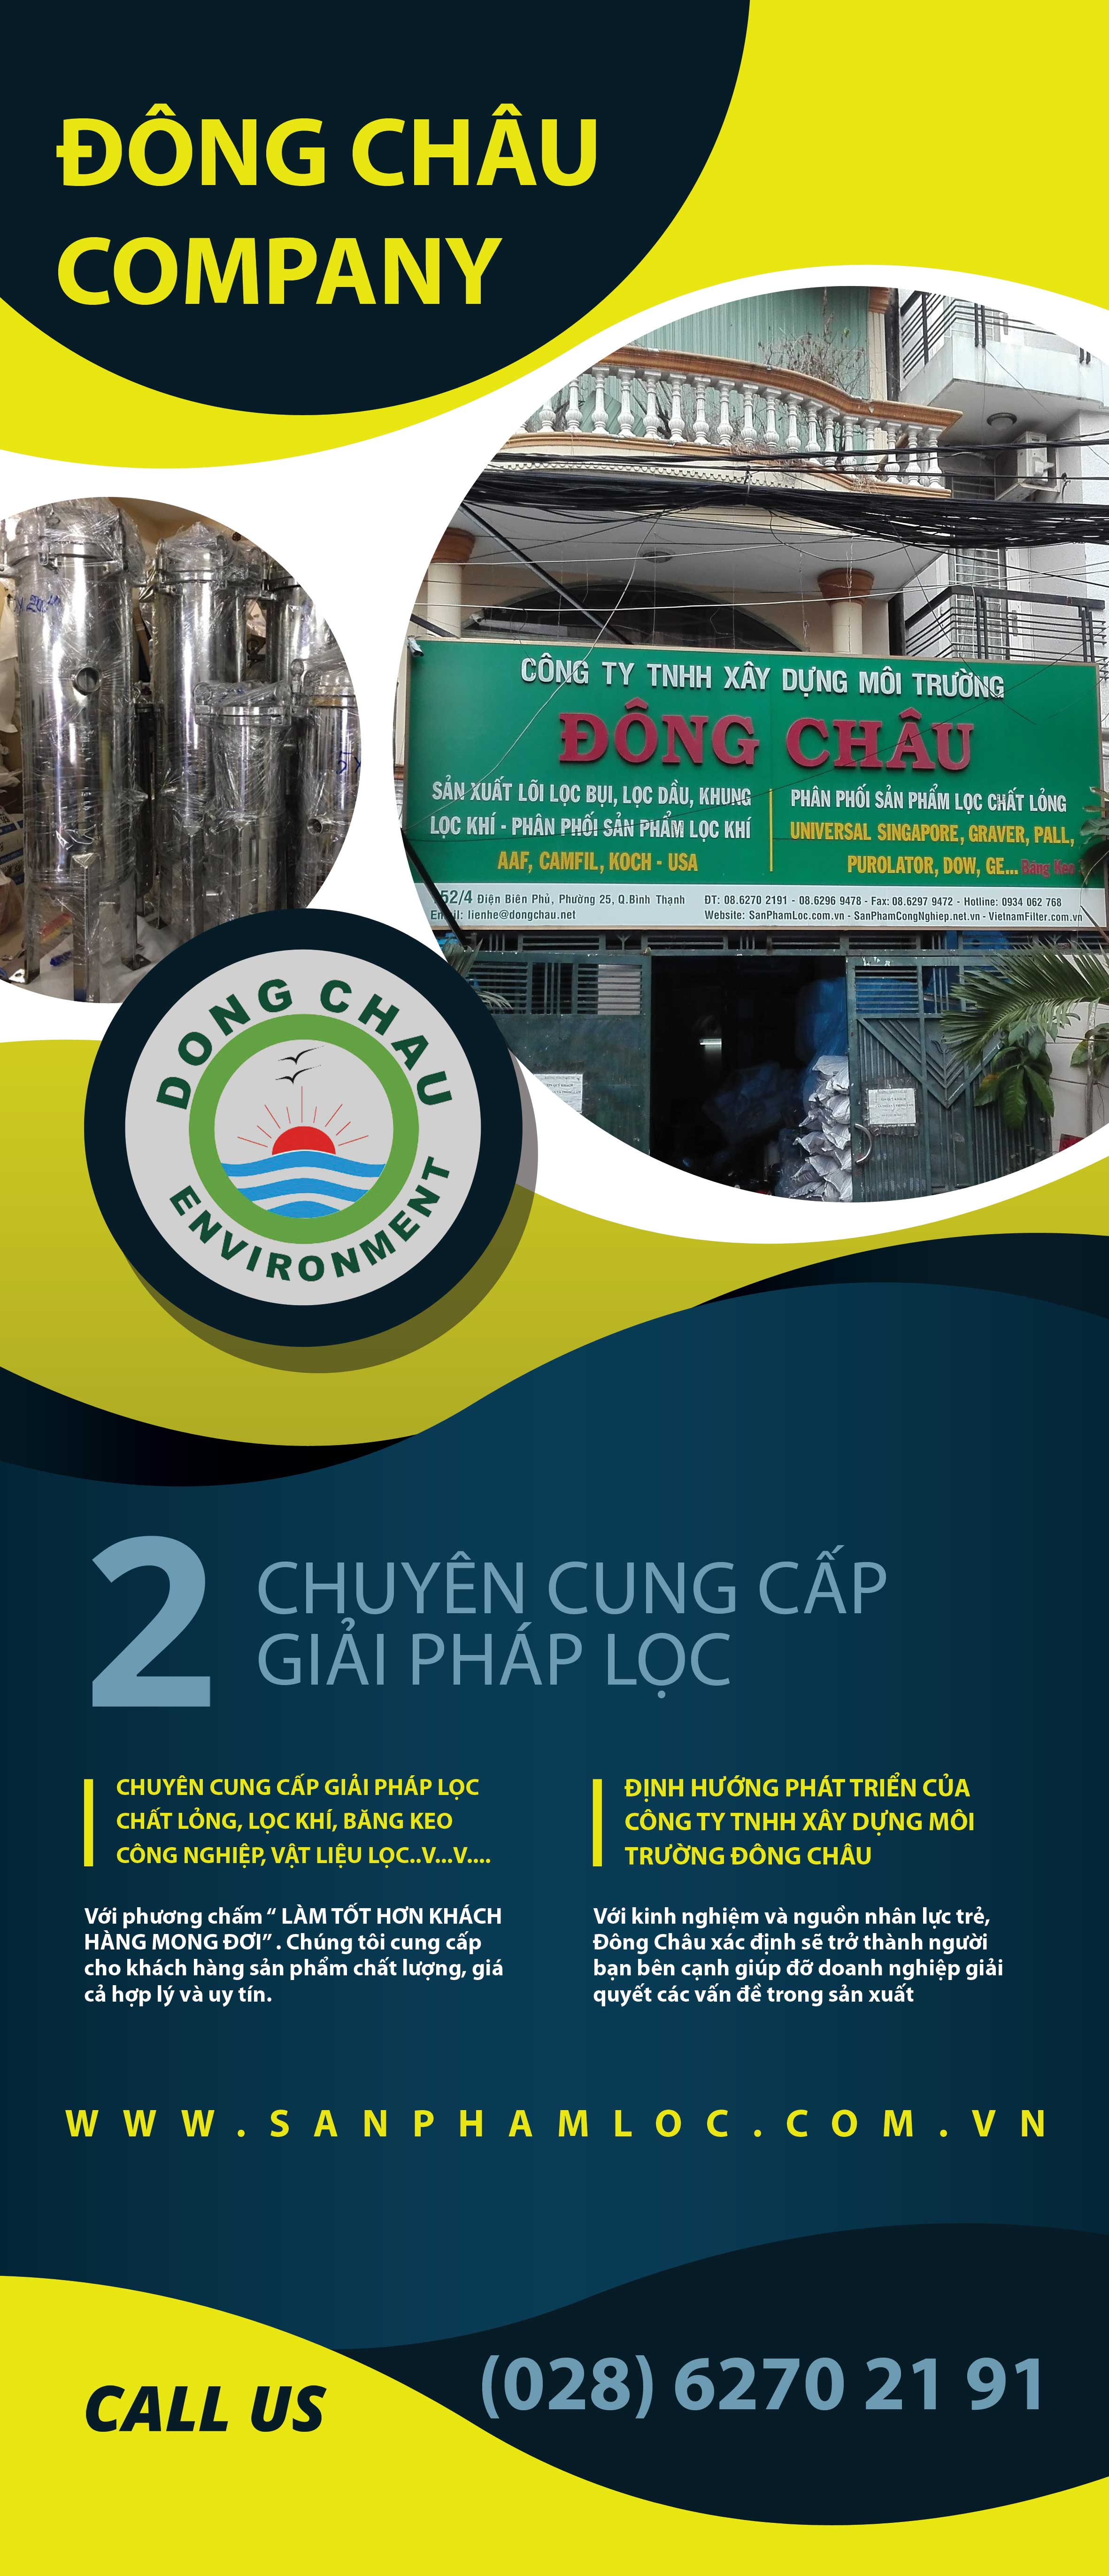 sản phẩm lọc công ty môi trường đông châu